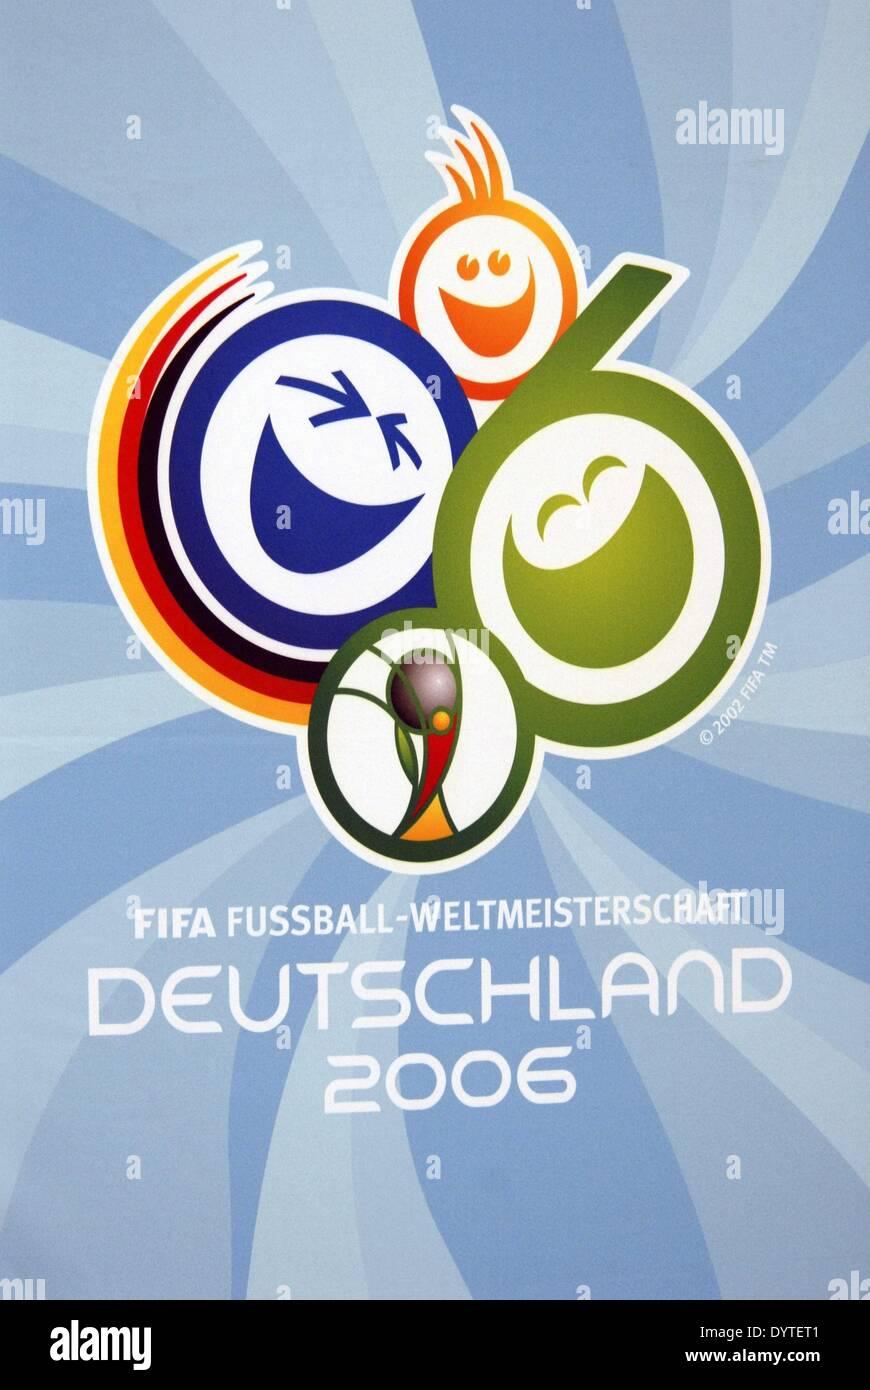 Affiche pour la coupe du monde de football de 2006 banque d 39 images photo stock 68765313 alamy - Coupe du monde de football 2006 ...